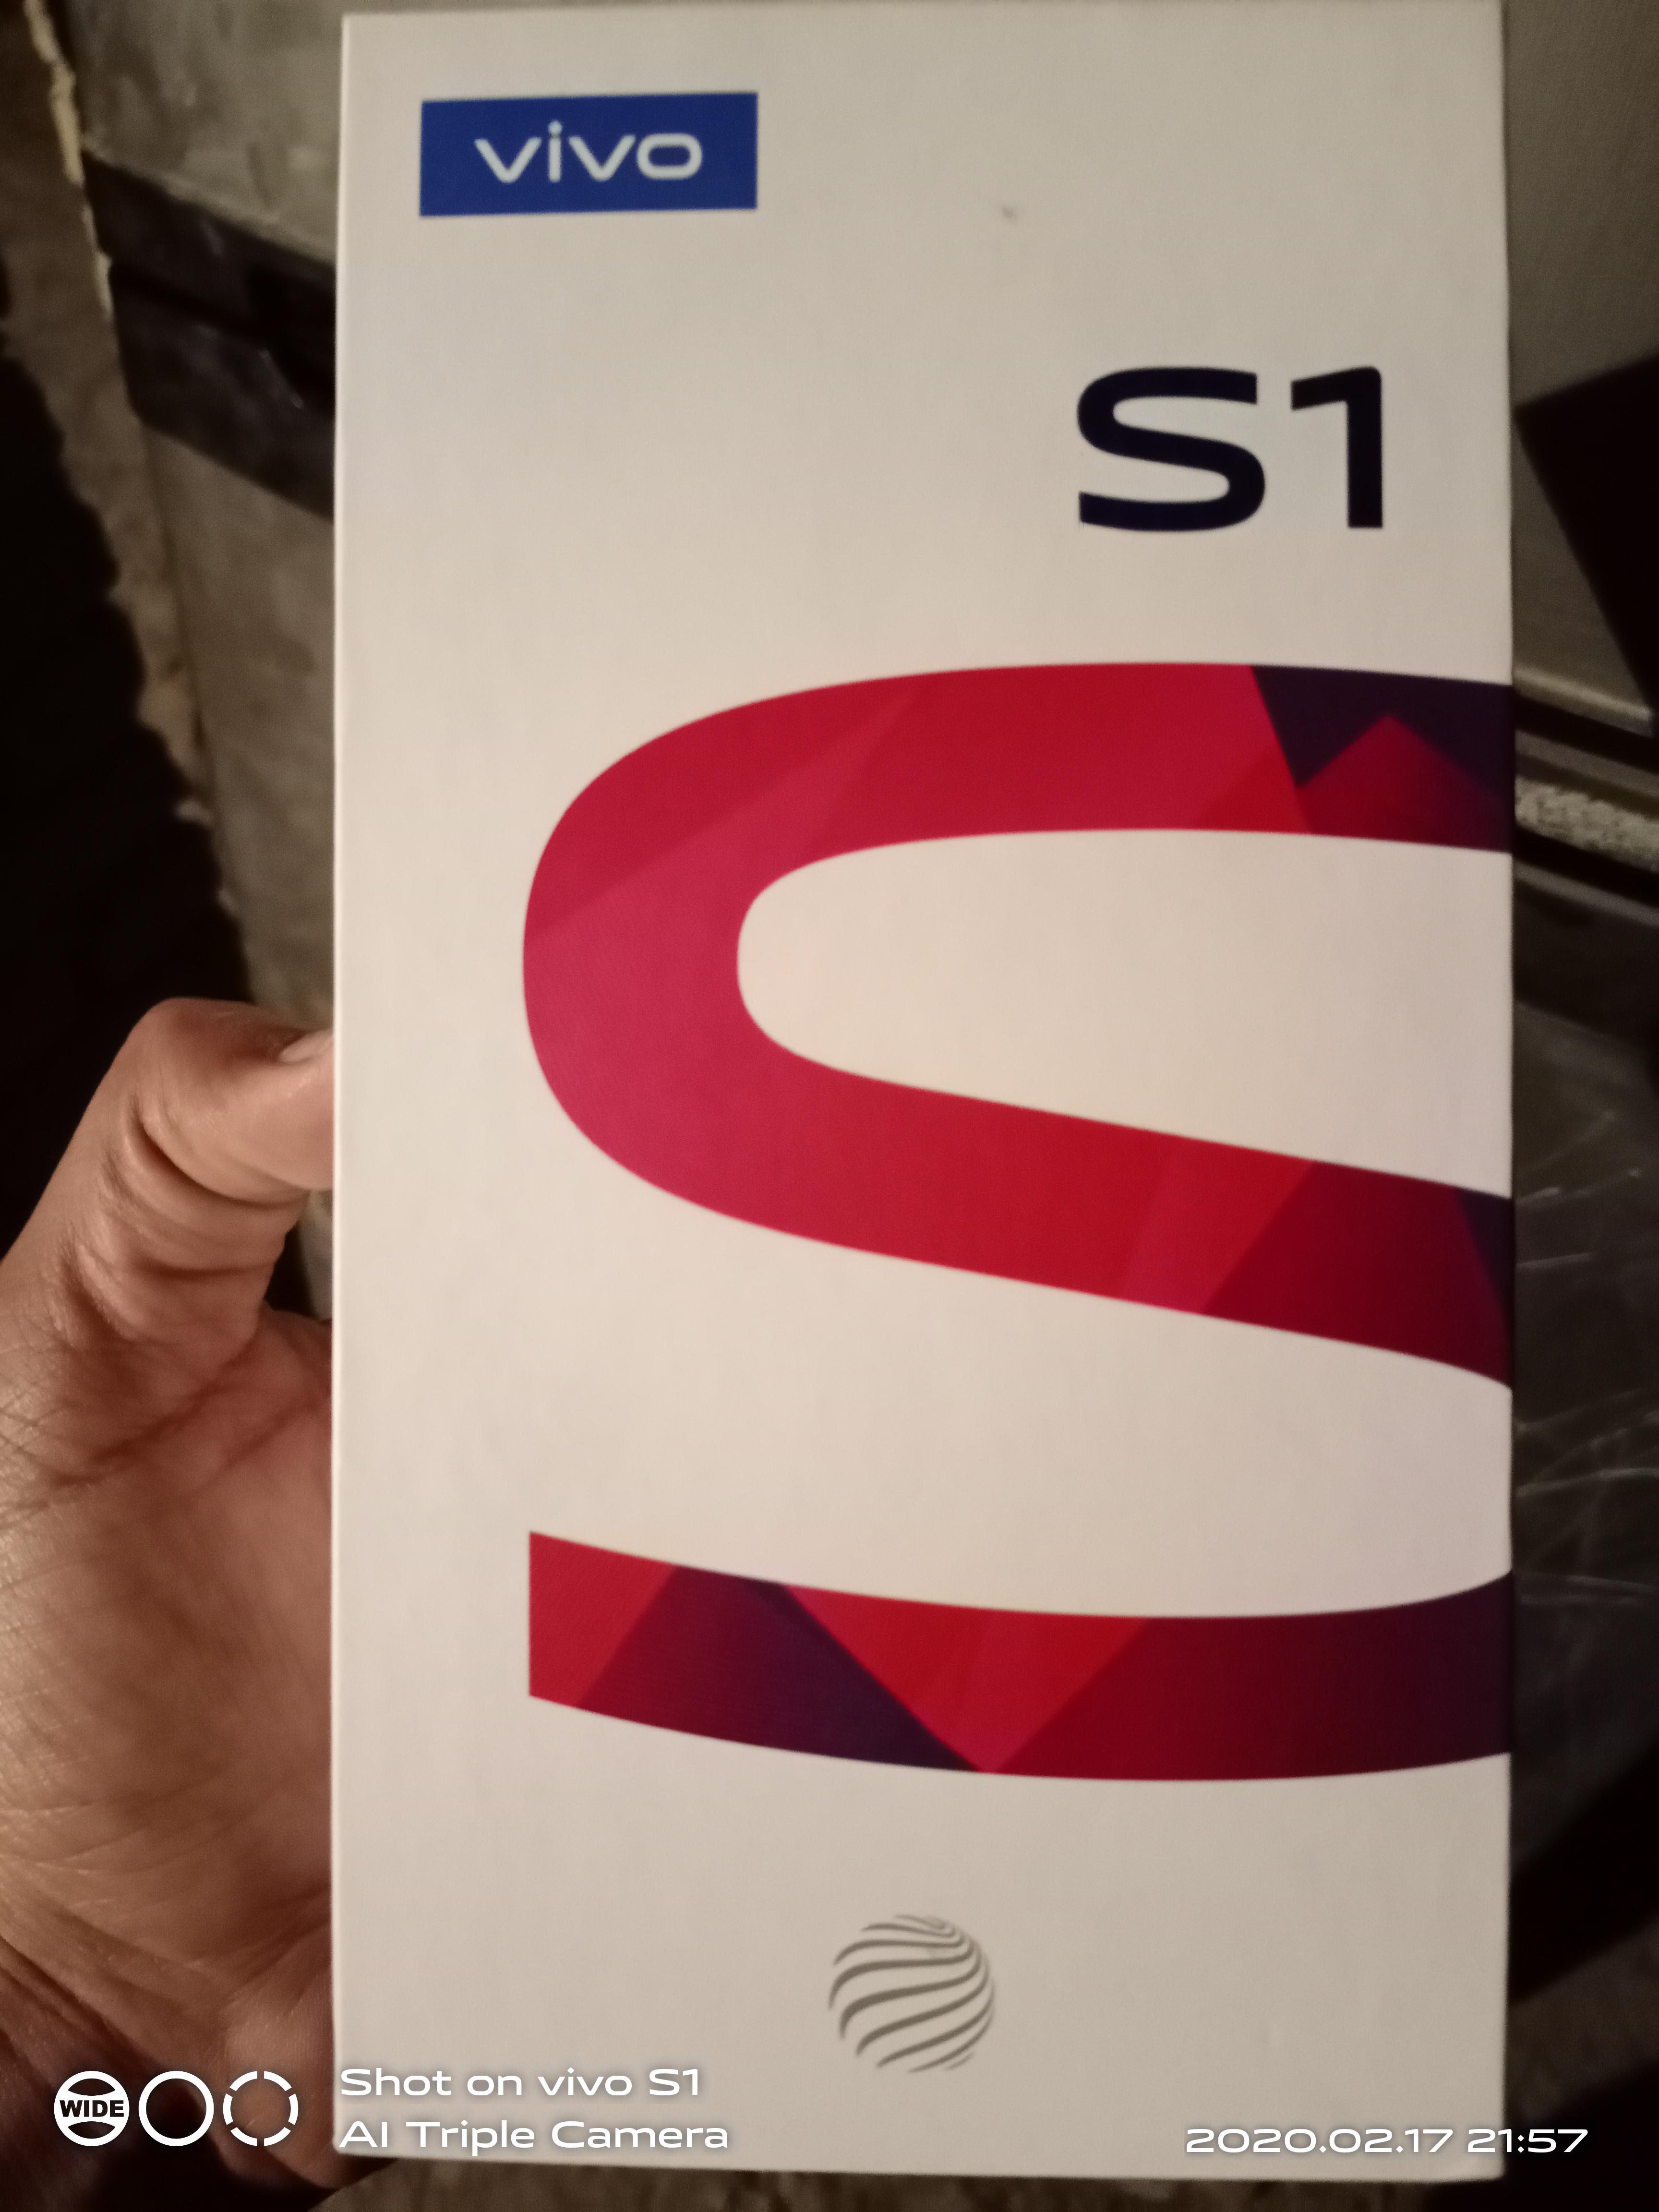 Vivo S1 4gb 128 gb